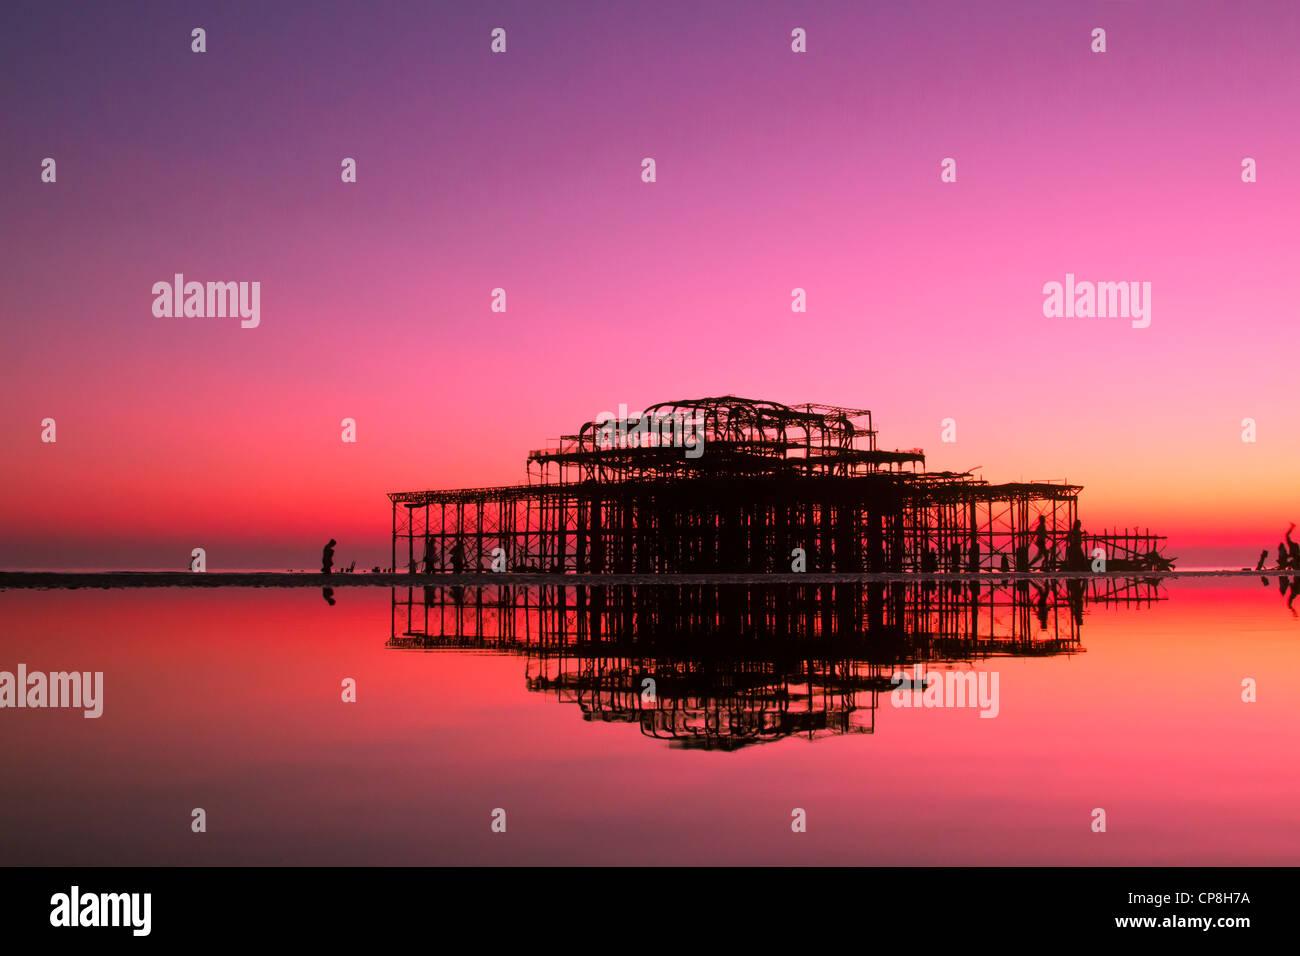 Molo Ovest di Brighton al tramonto, REGNO UNITO Immagini Stock